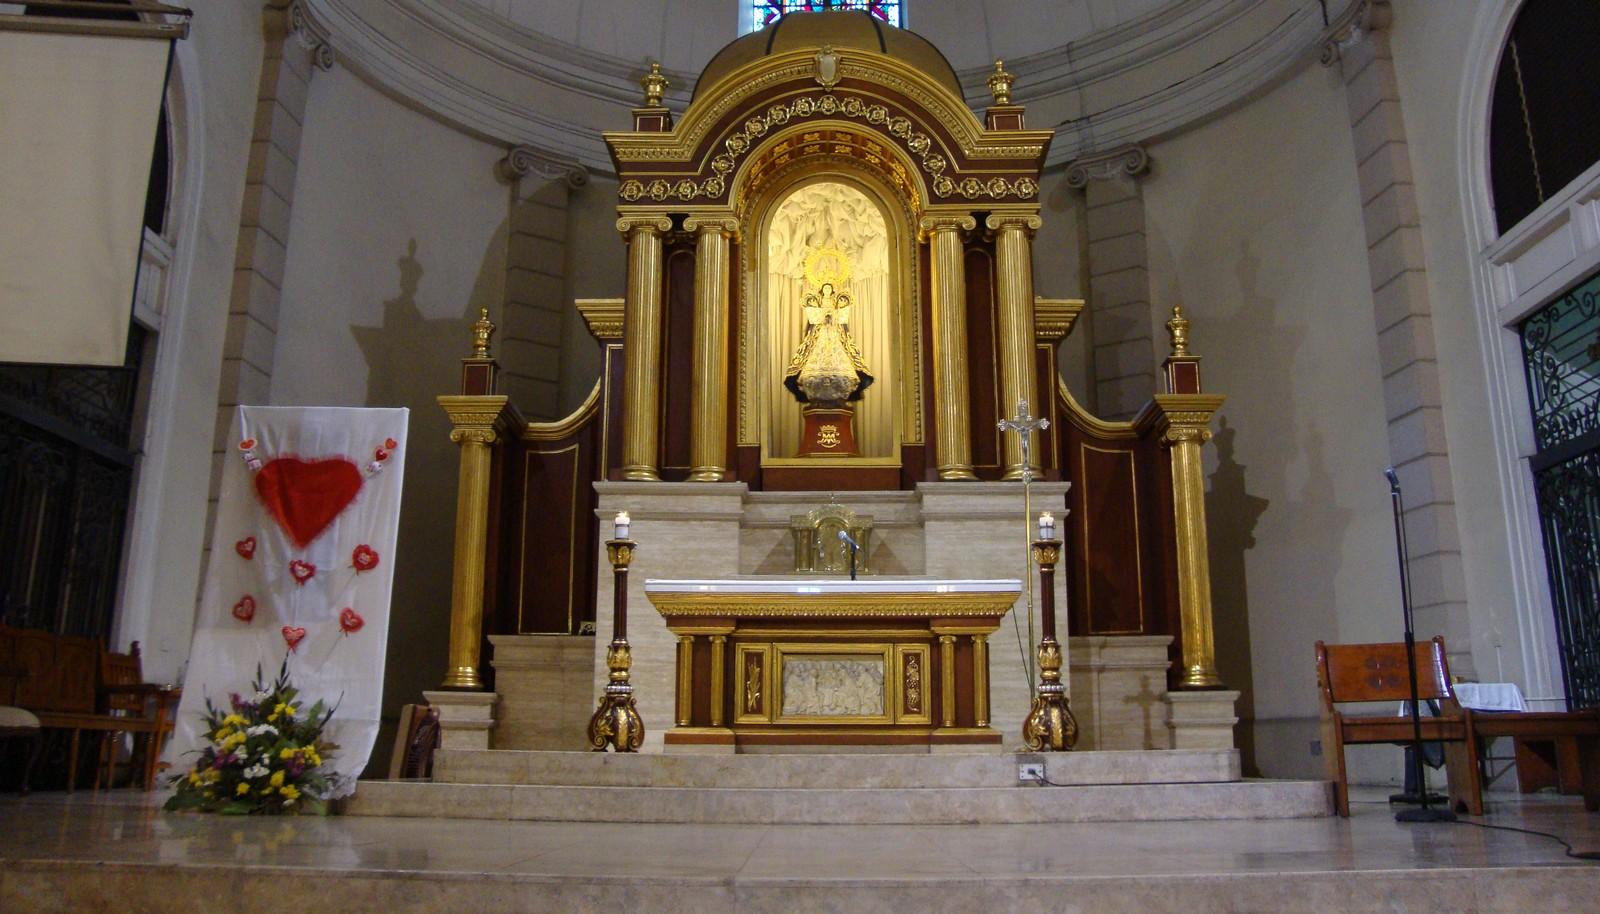 Devoción Milagrosa en Filipinas: Nuestra Señora de los Remedios de Malate, Filipinas (3º dgo nov, dic)